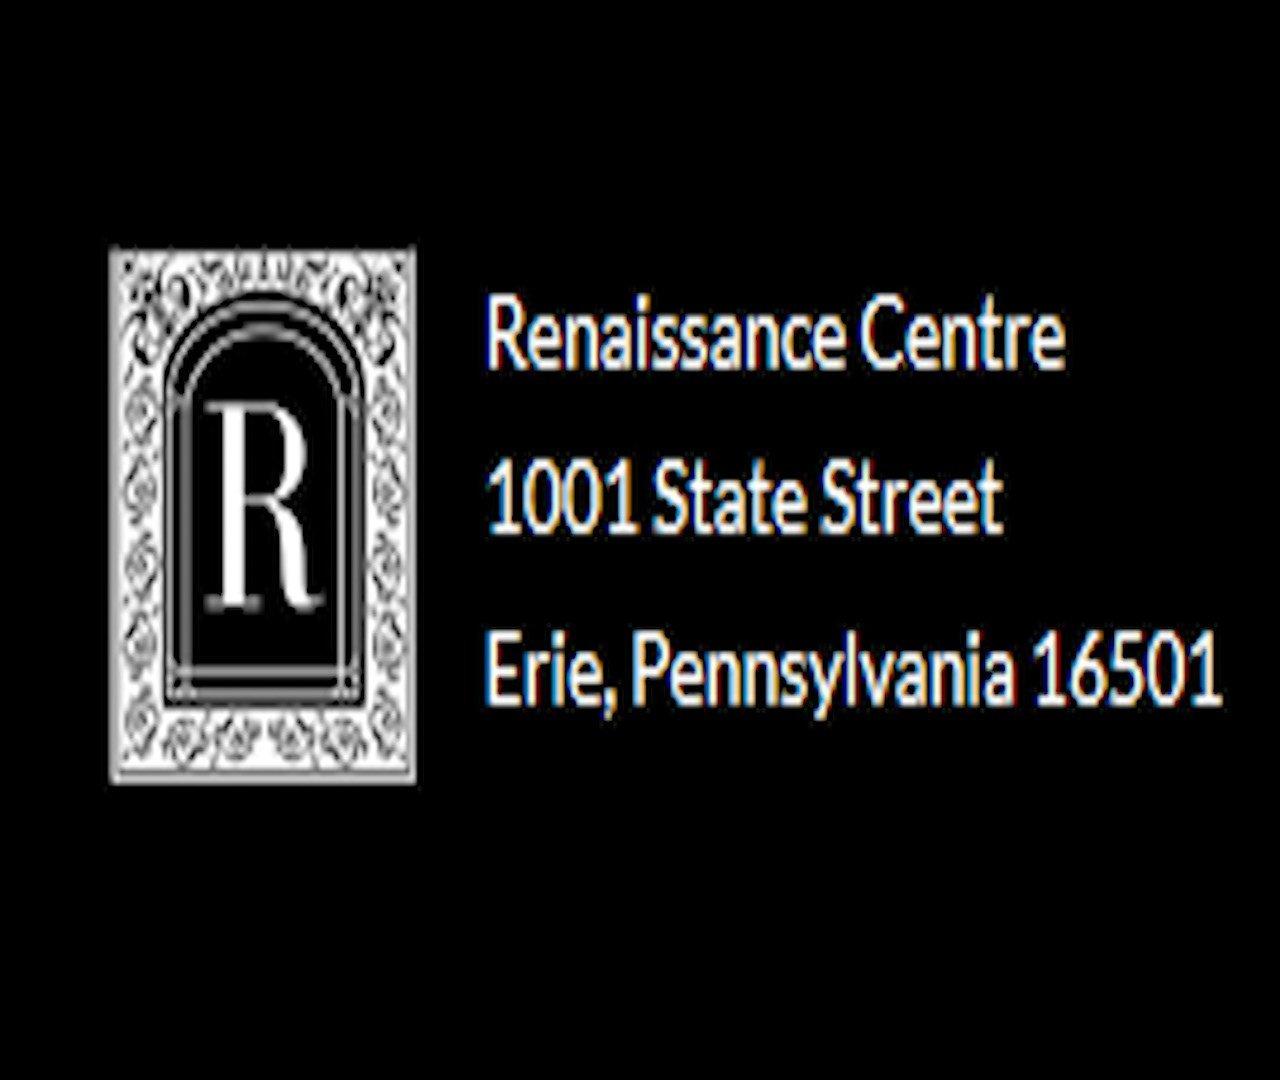 Renaissance Centre